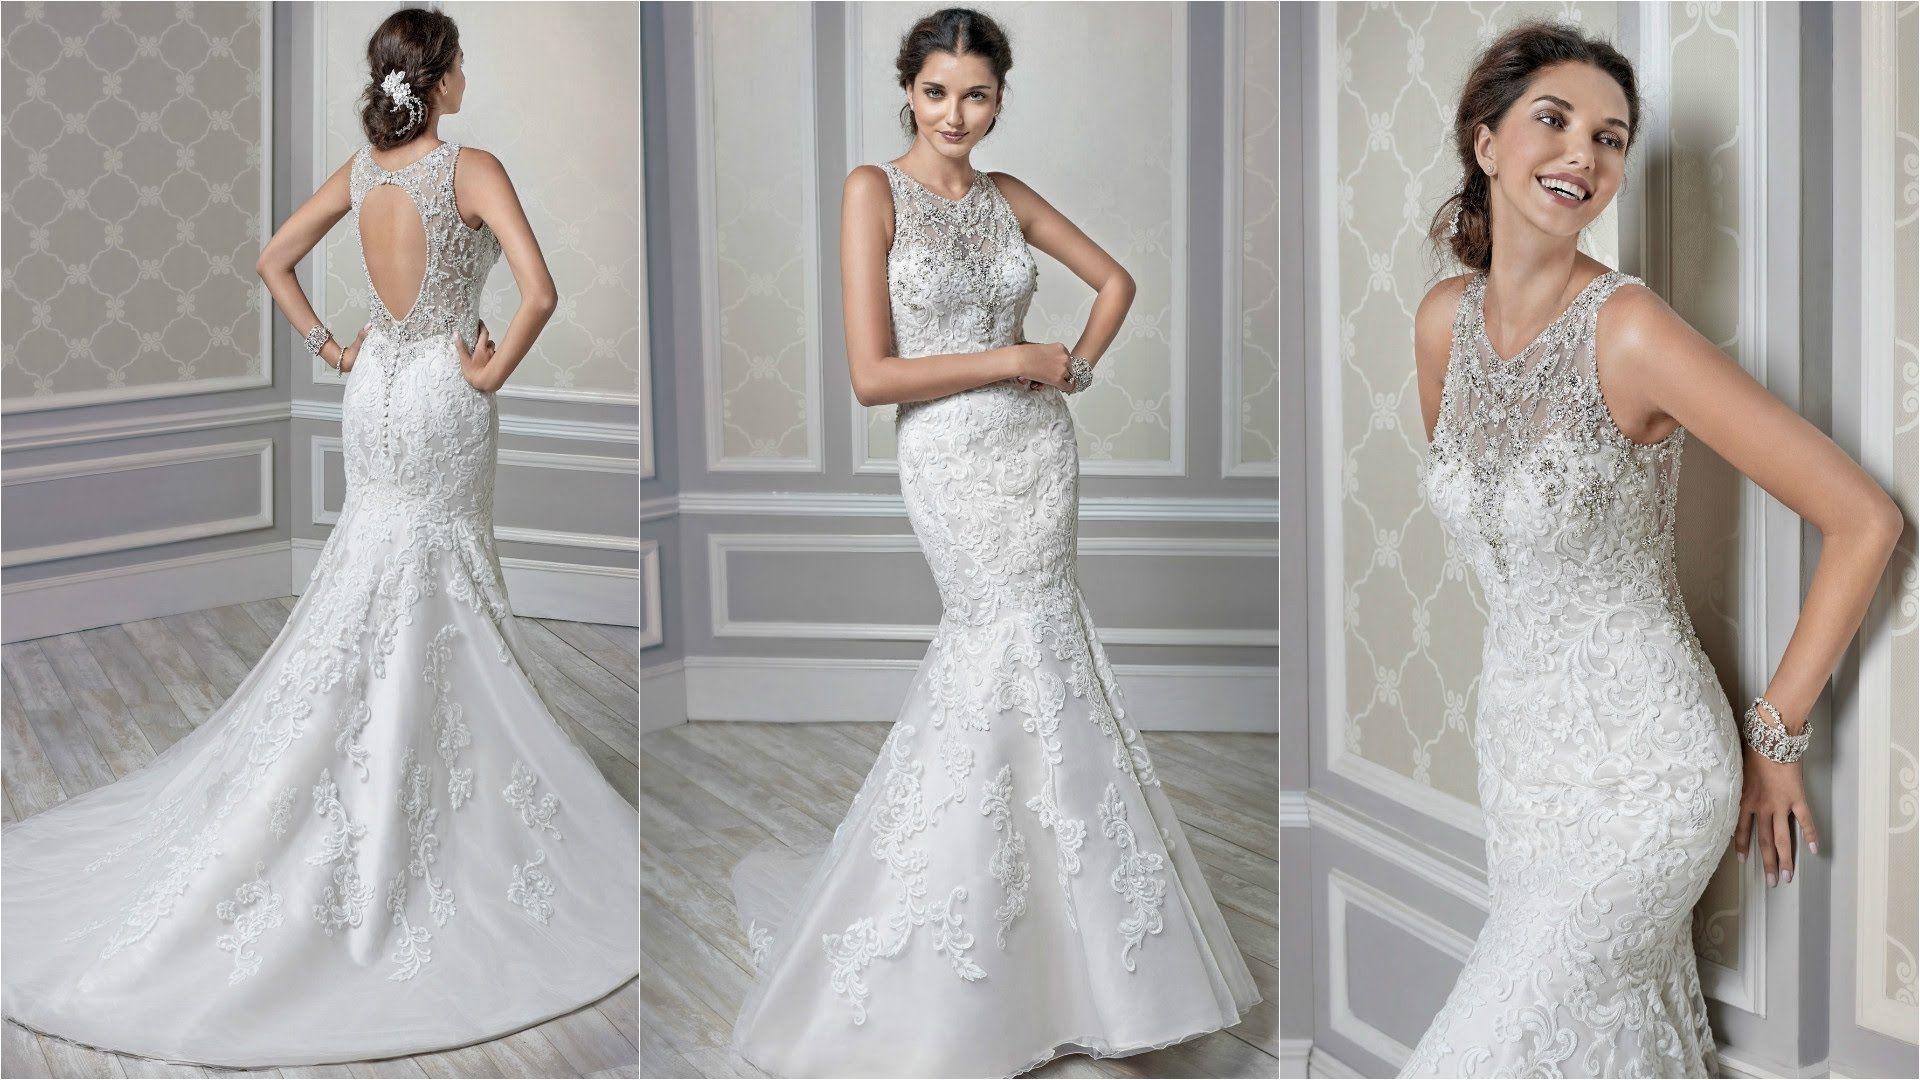 Backless Wedding Dresses Vera Wang | Wedding Dress | Pinterest ...